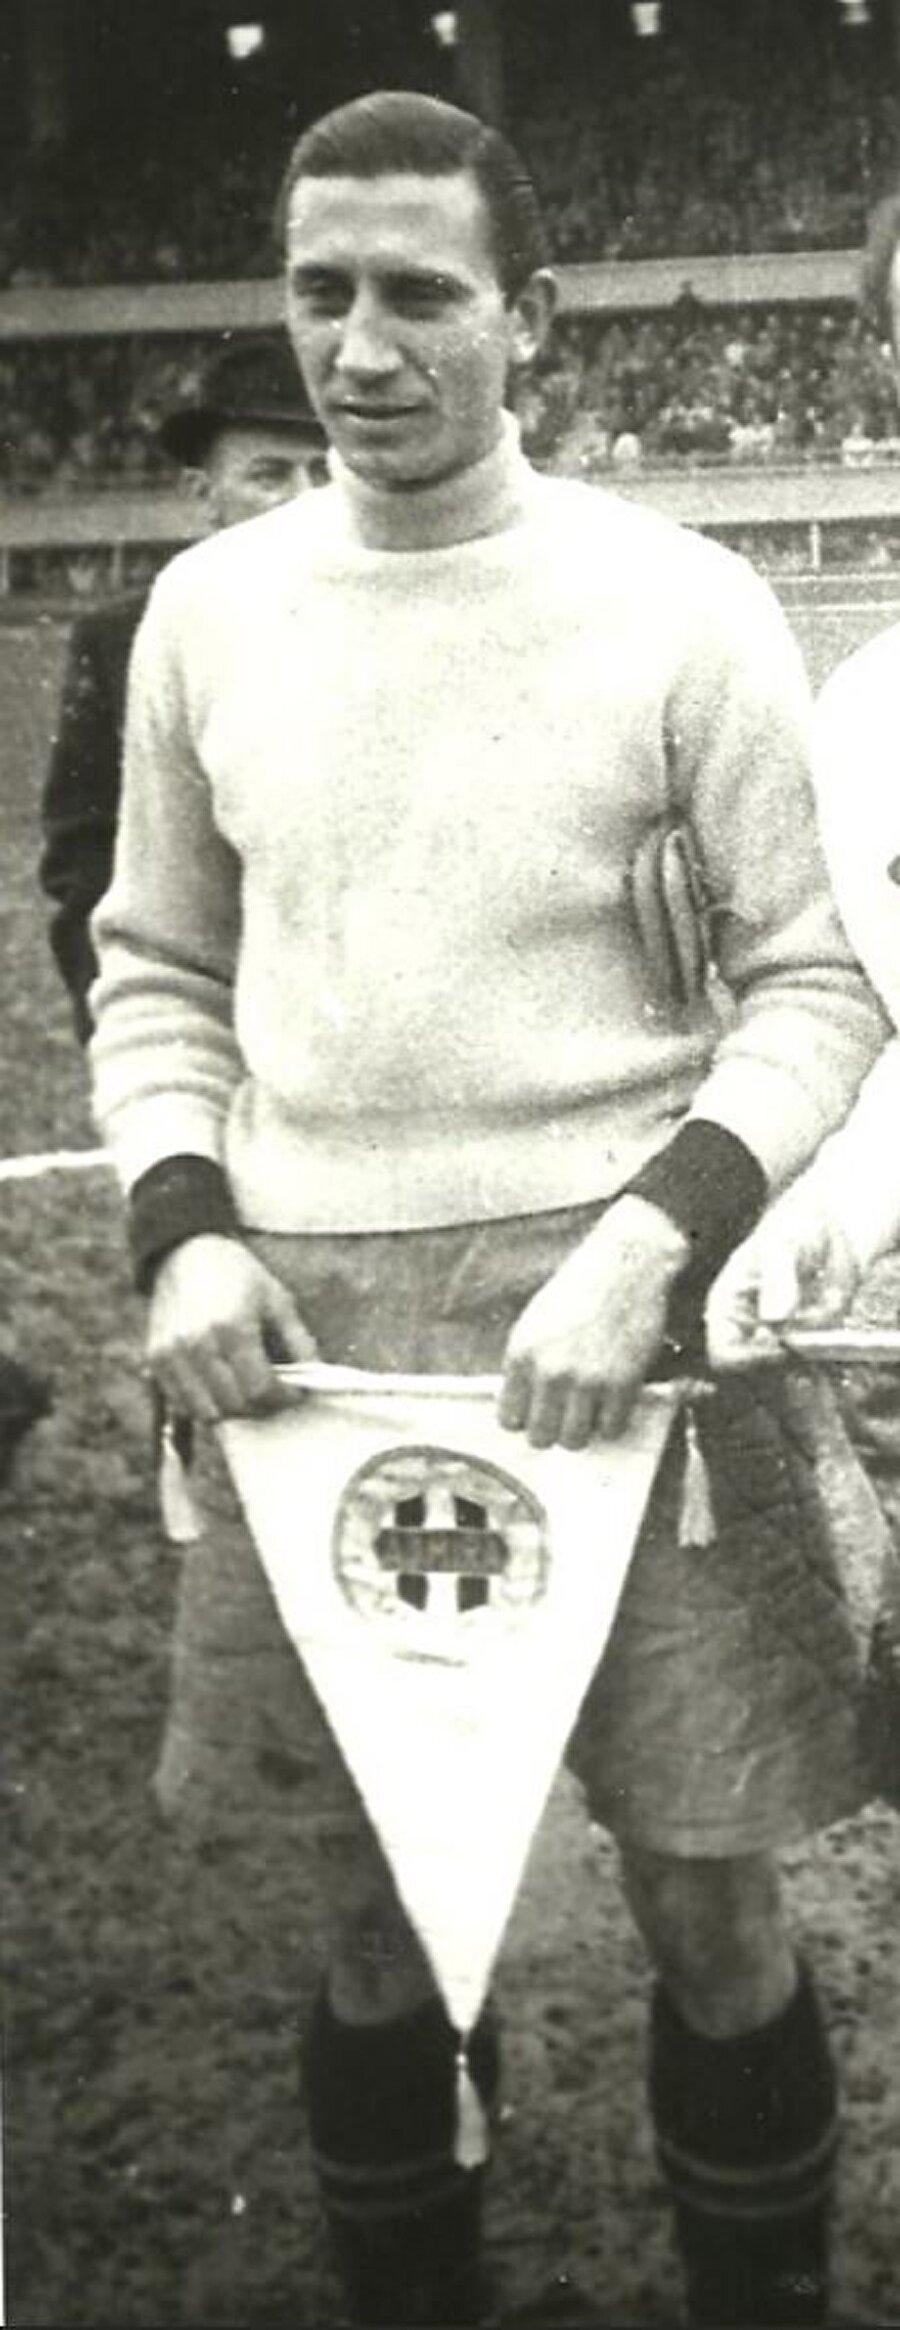 Cihat Arman, 16 Temmuz 1915 tarihinde İstanbul'da dünyaya geldi. Galatasaray Lisesi'nde okuyan Cihat Arman babasının işleri nedeniyle ailesiyle birlikte Ankara'ya yerleşti. Cihat Arman, 15 yaşındayken Gençlerbirliği forması altında futbola başladı. Cihat Arman, 1936 yılında İstanbul Güneş Spor'a transfer oldu. 1939 yılında Güneş Spor kapanınca Arman, Fenerbahçe'ye transfer oldu.